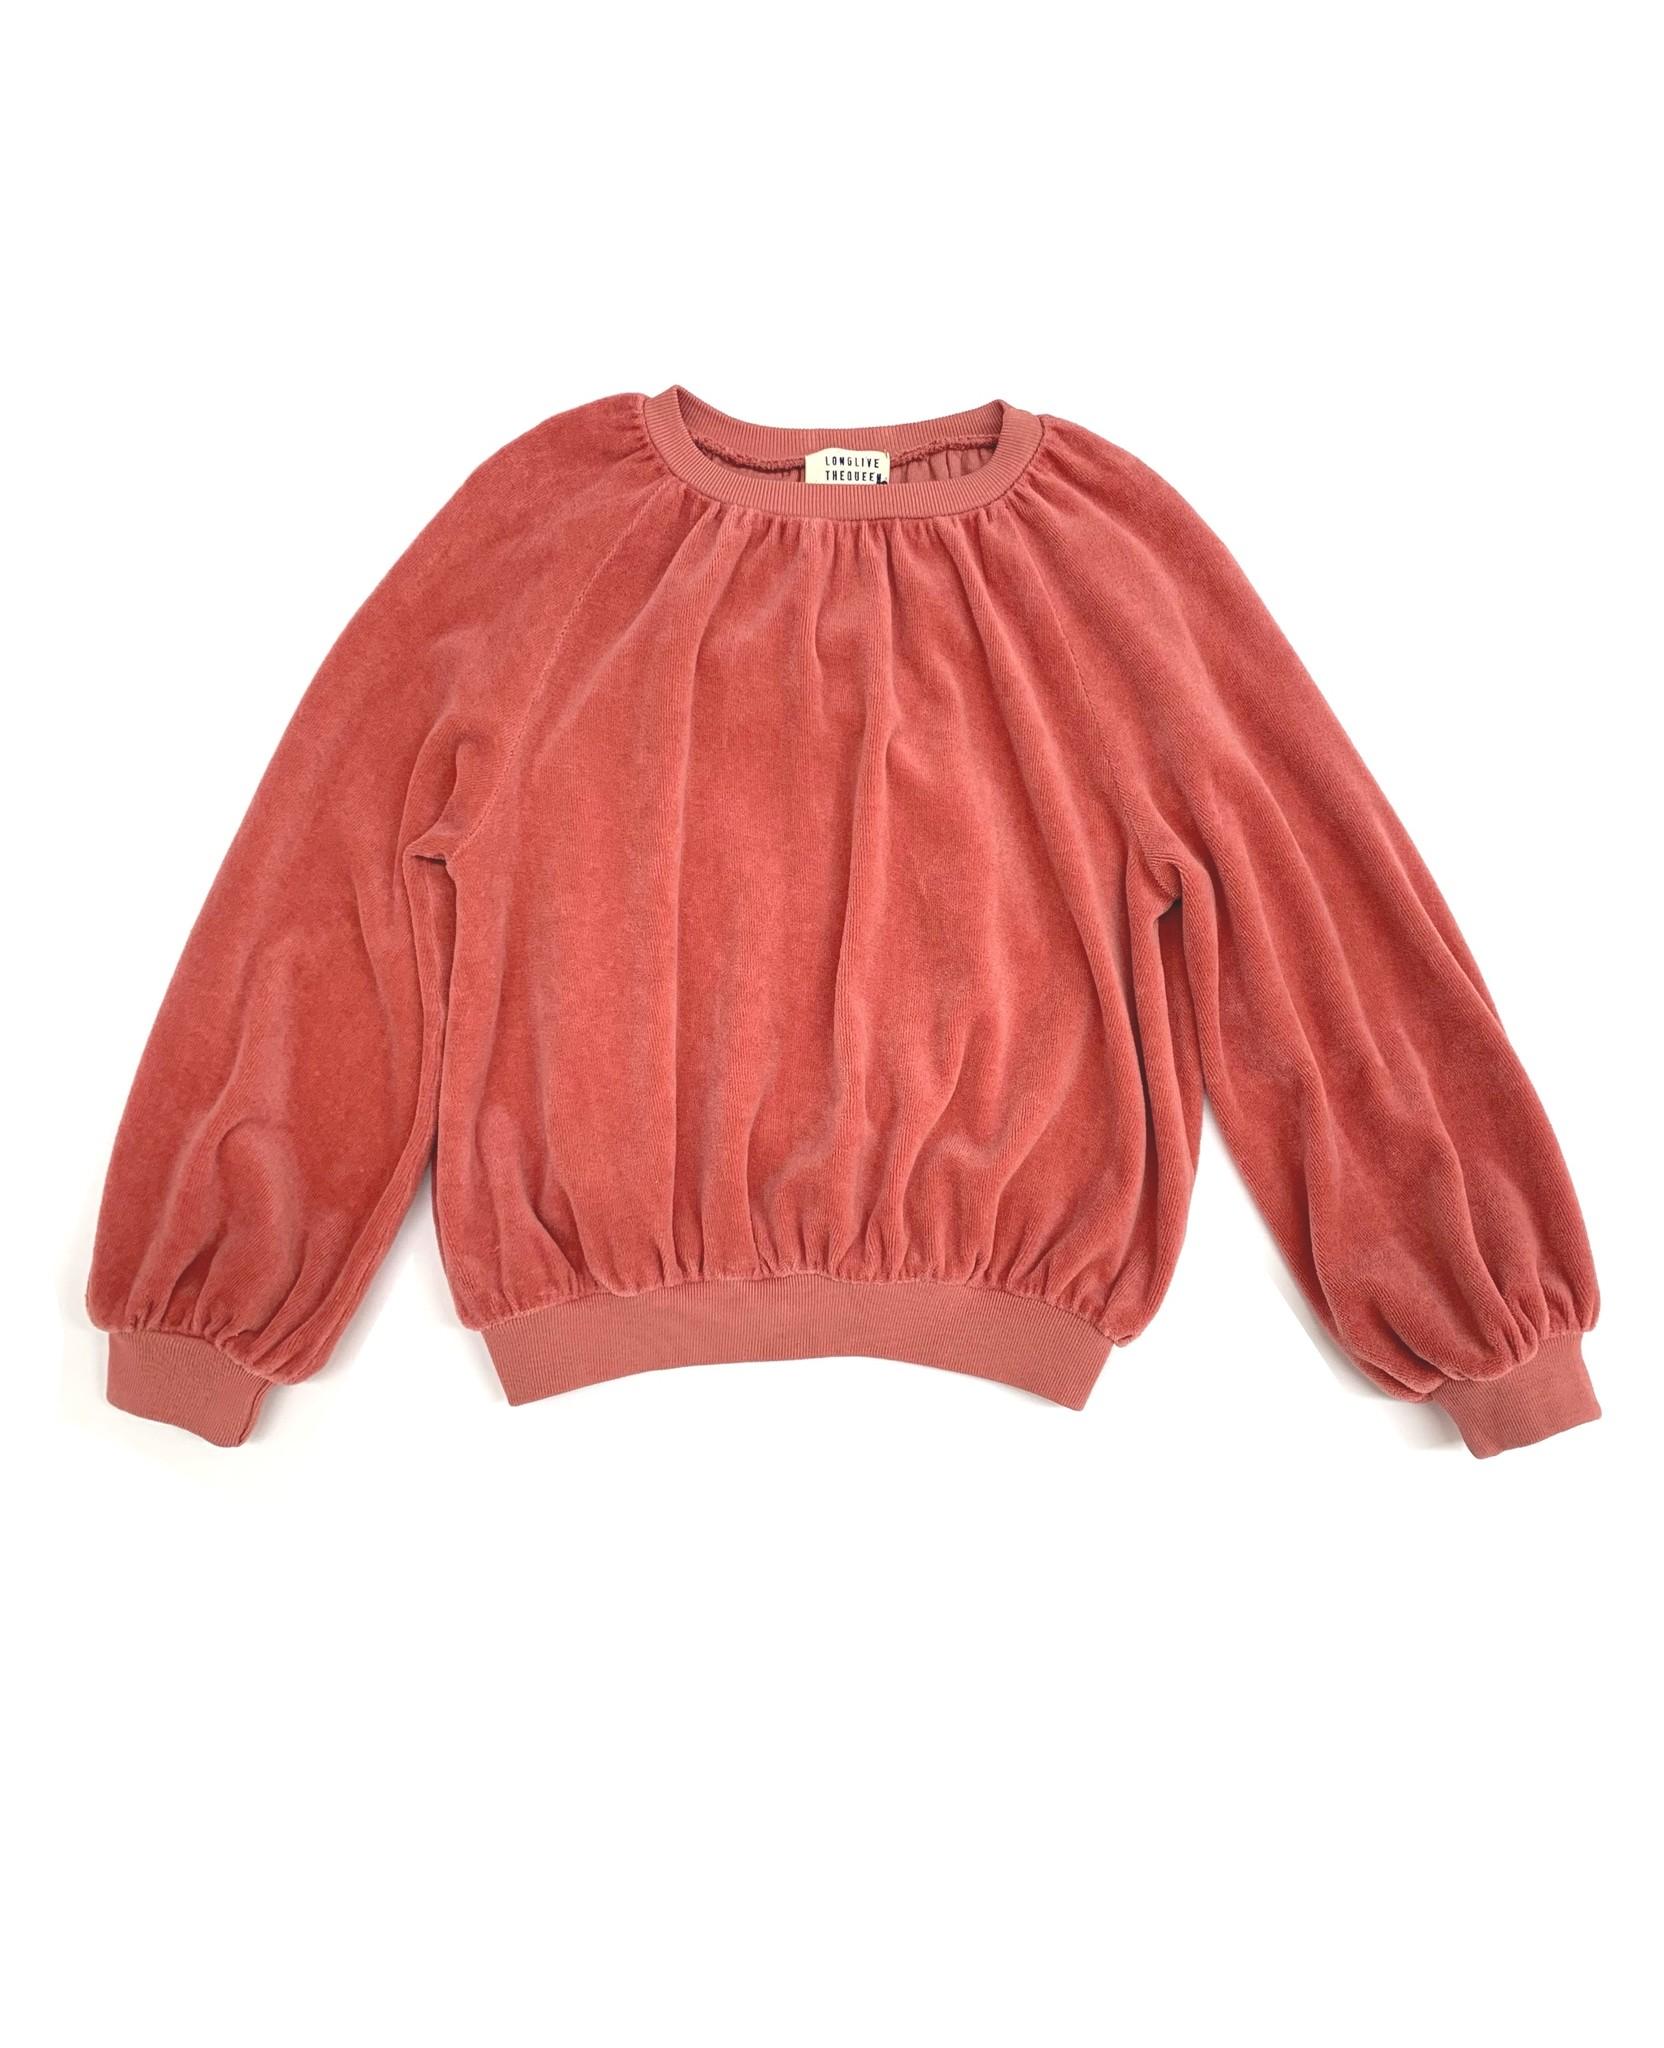 Velvet sweater - Dustyrose-1